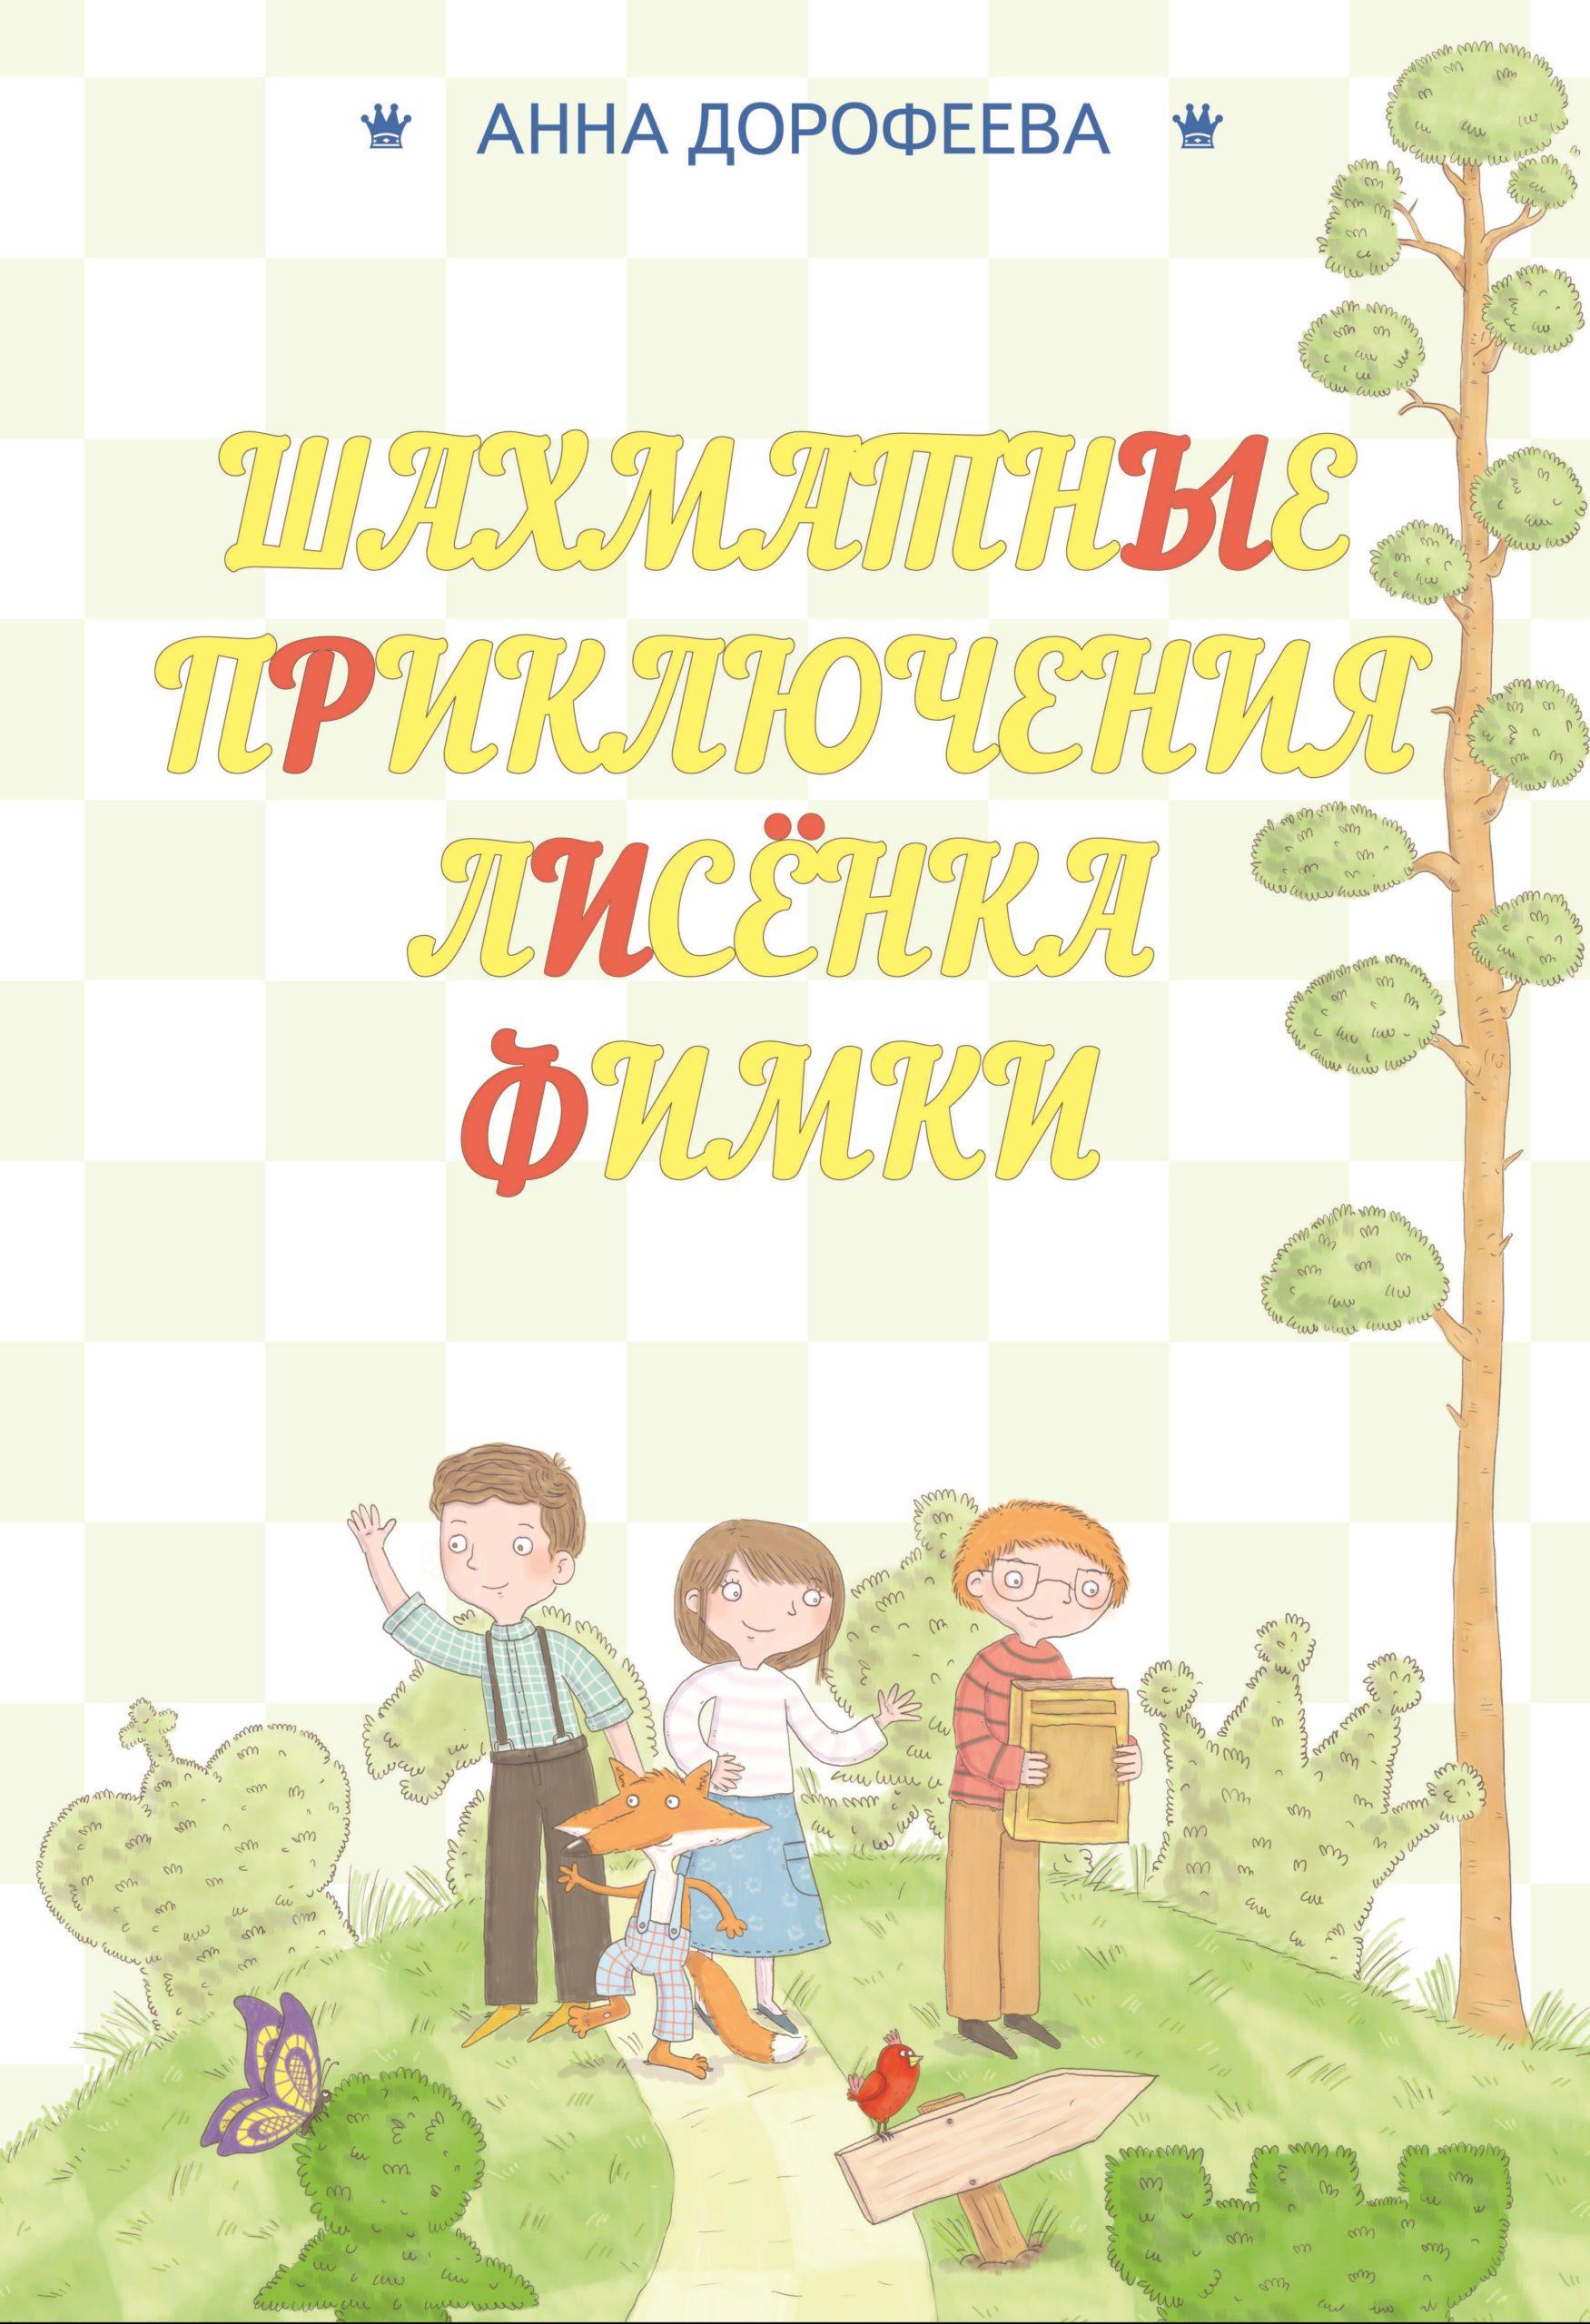 Анна Дорофеева «Шахматные приключения лисёнка Фимки»